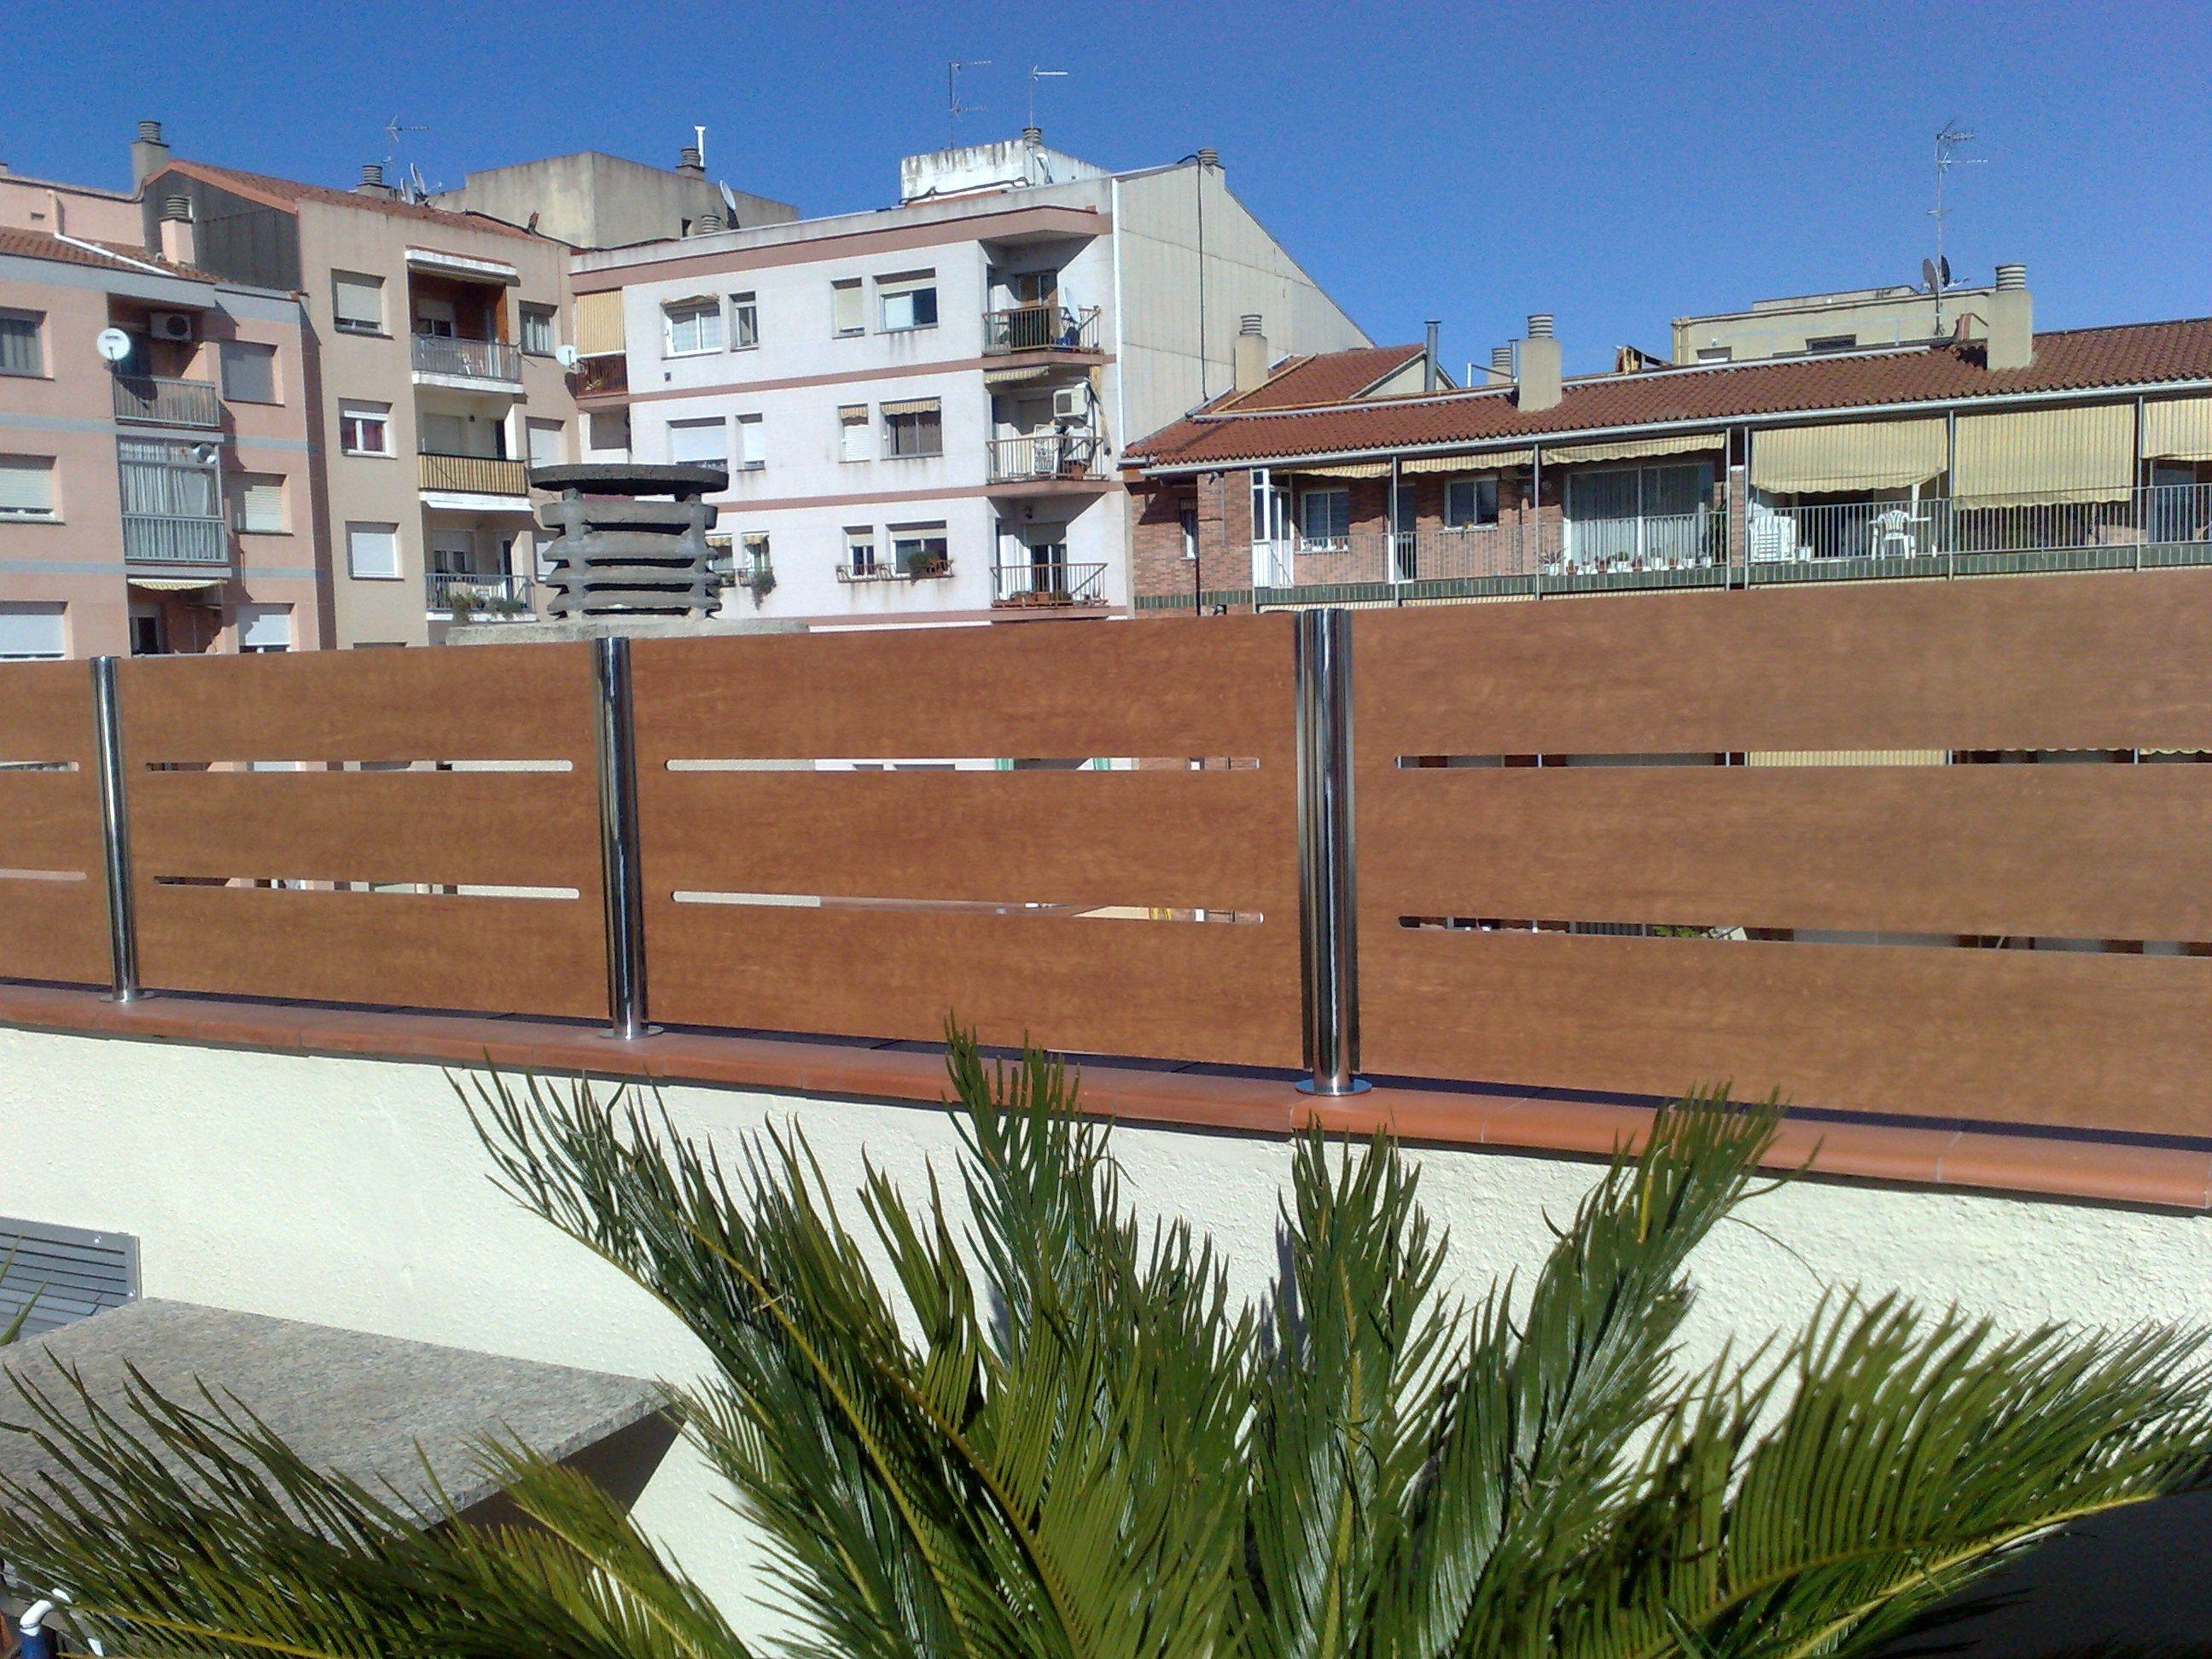 Valla de ocultaci n residencial con plaf n de compacto - Ocultacion vallas jardin ...